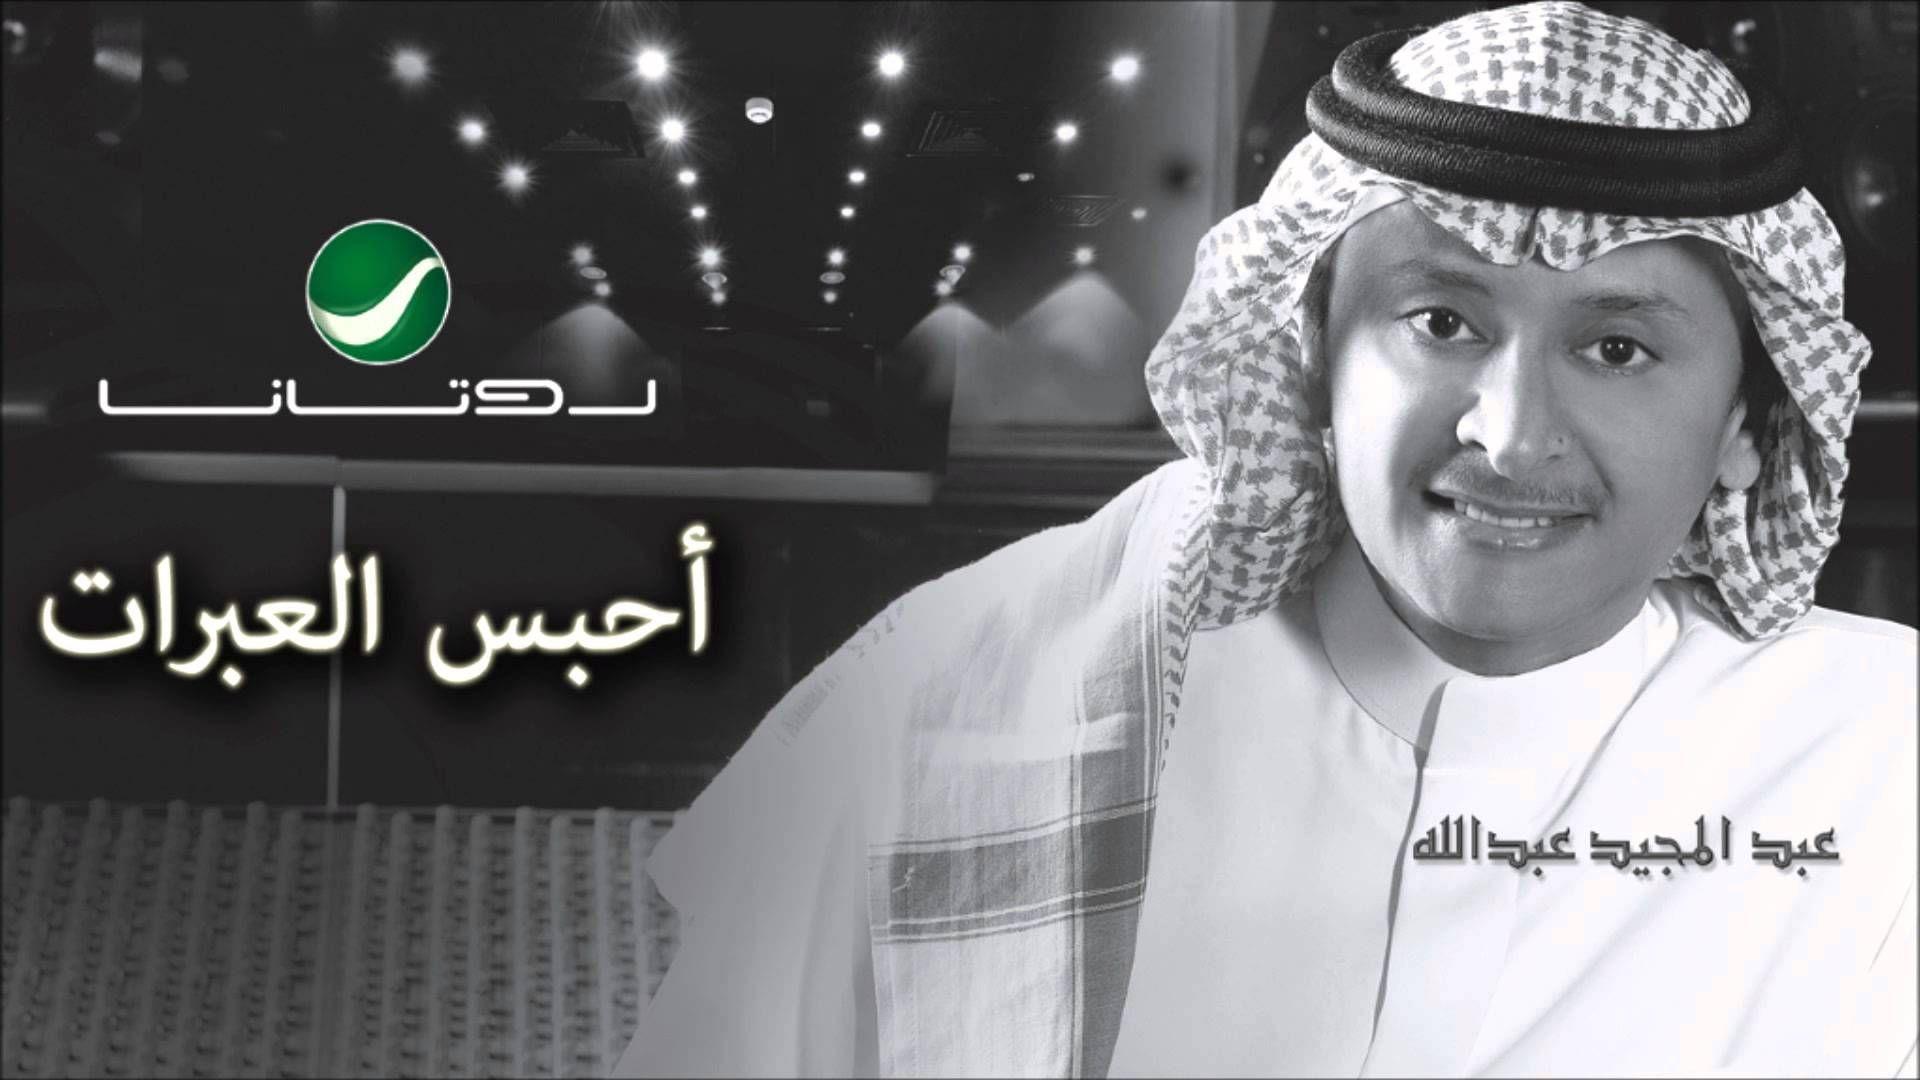 Abdul Majeed Abdullah Ahbes El Aabraat عبدالمجيد عبدالله إحبس العبرات Songs Music Captain Hat